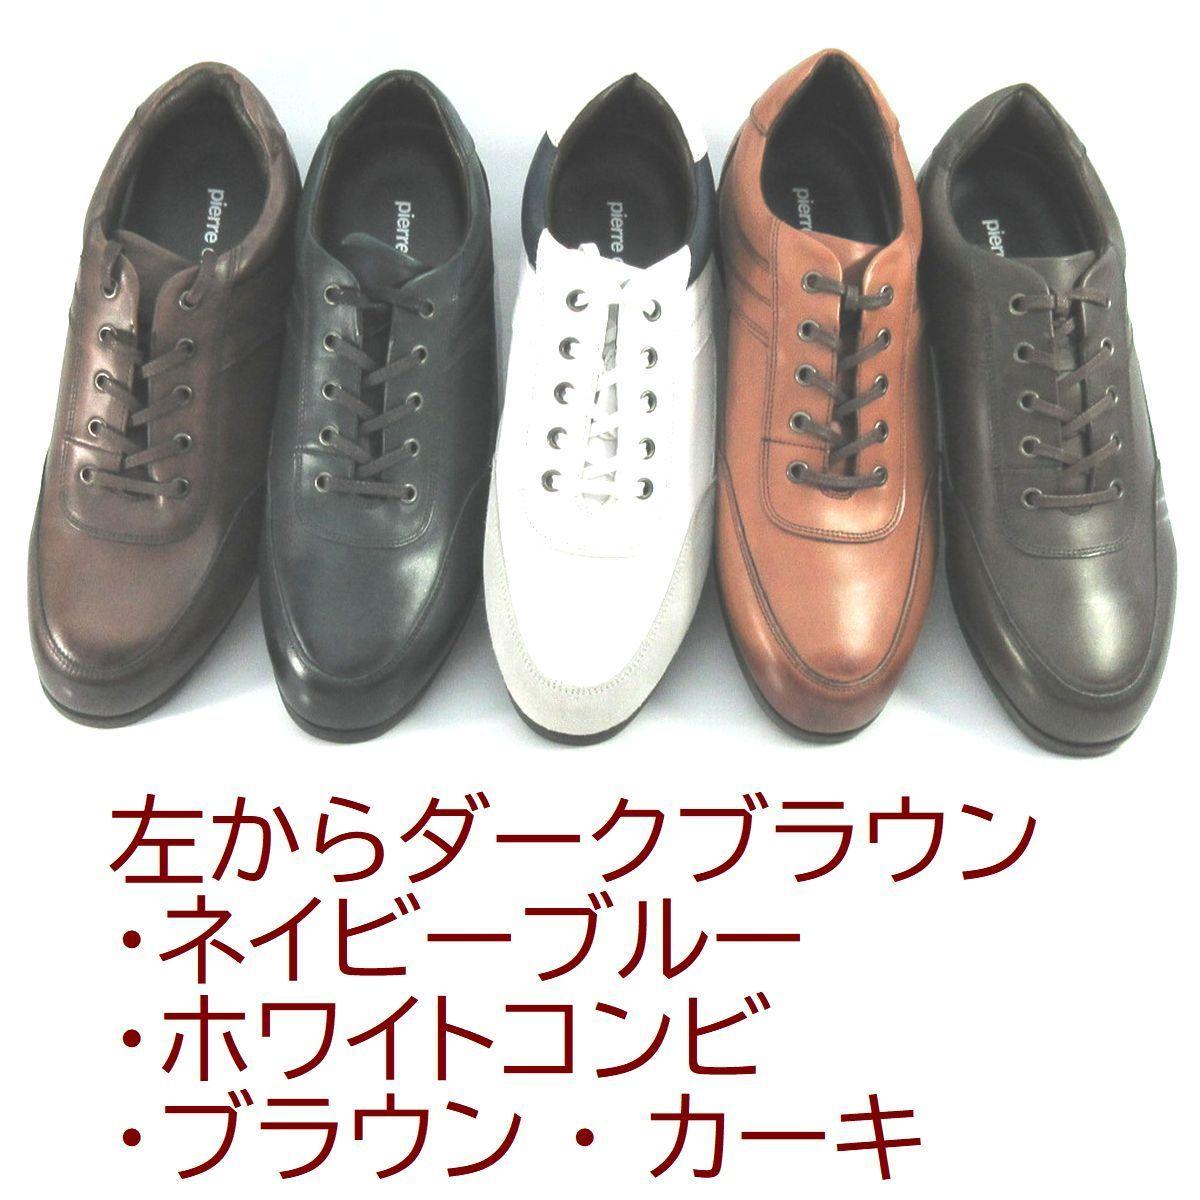 メンズレザースニーカー 日本製 紳士靴 ピエールカルダン pierre cardin 本州送料無料 本革レースアップシューズ 25cm幅広3E 濃茶 U2009_画像7